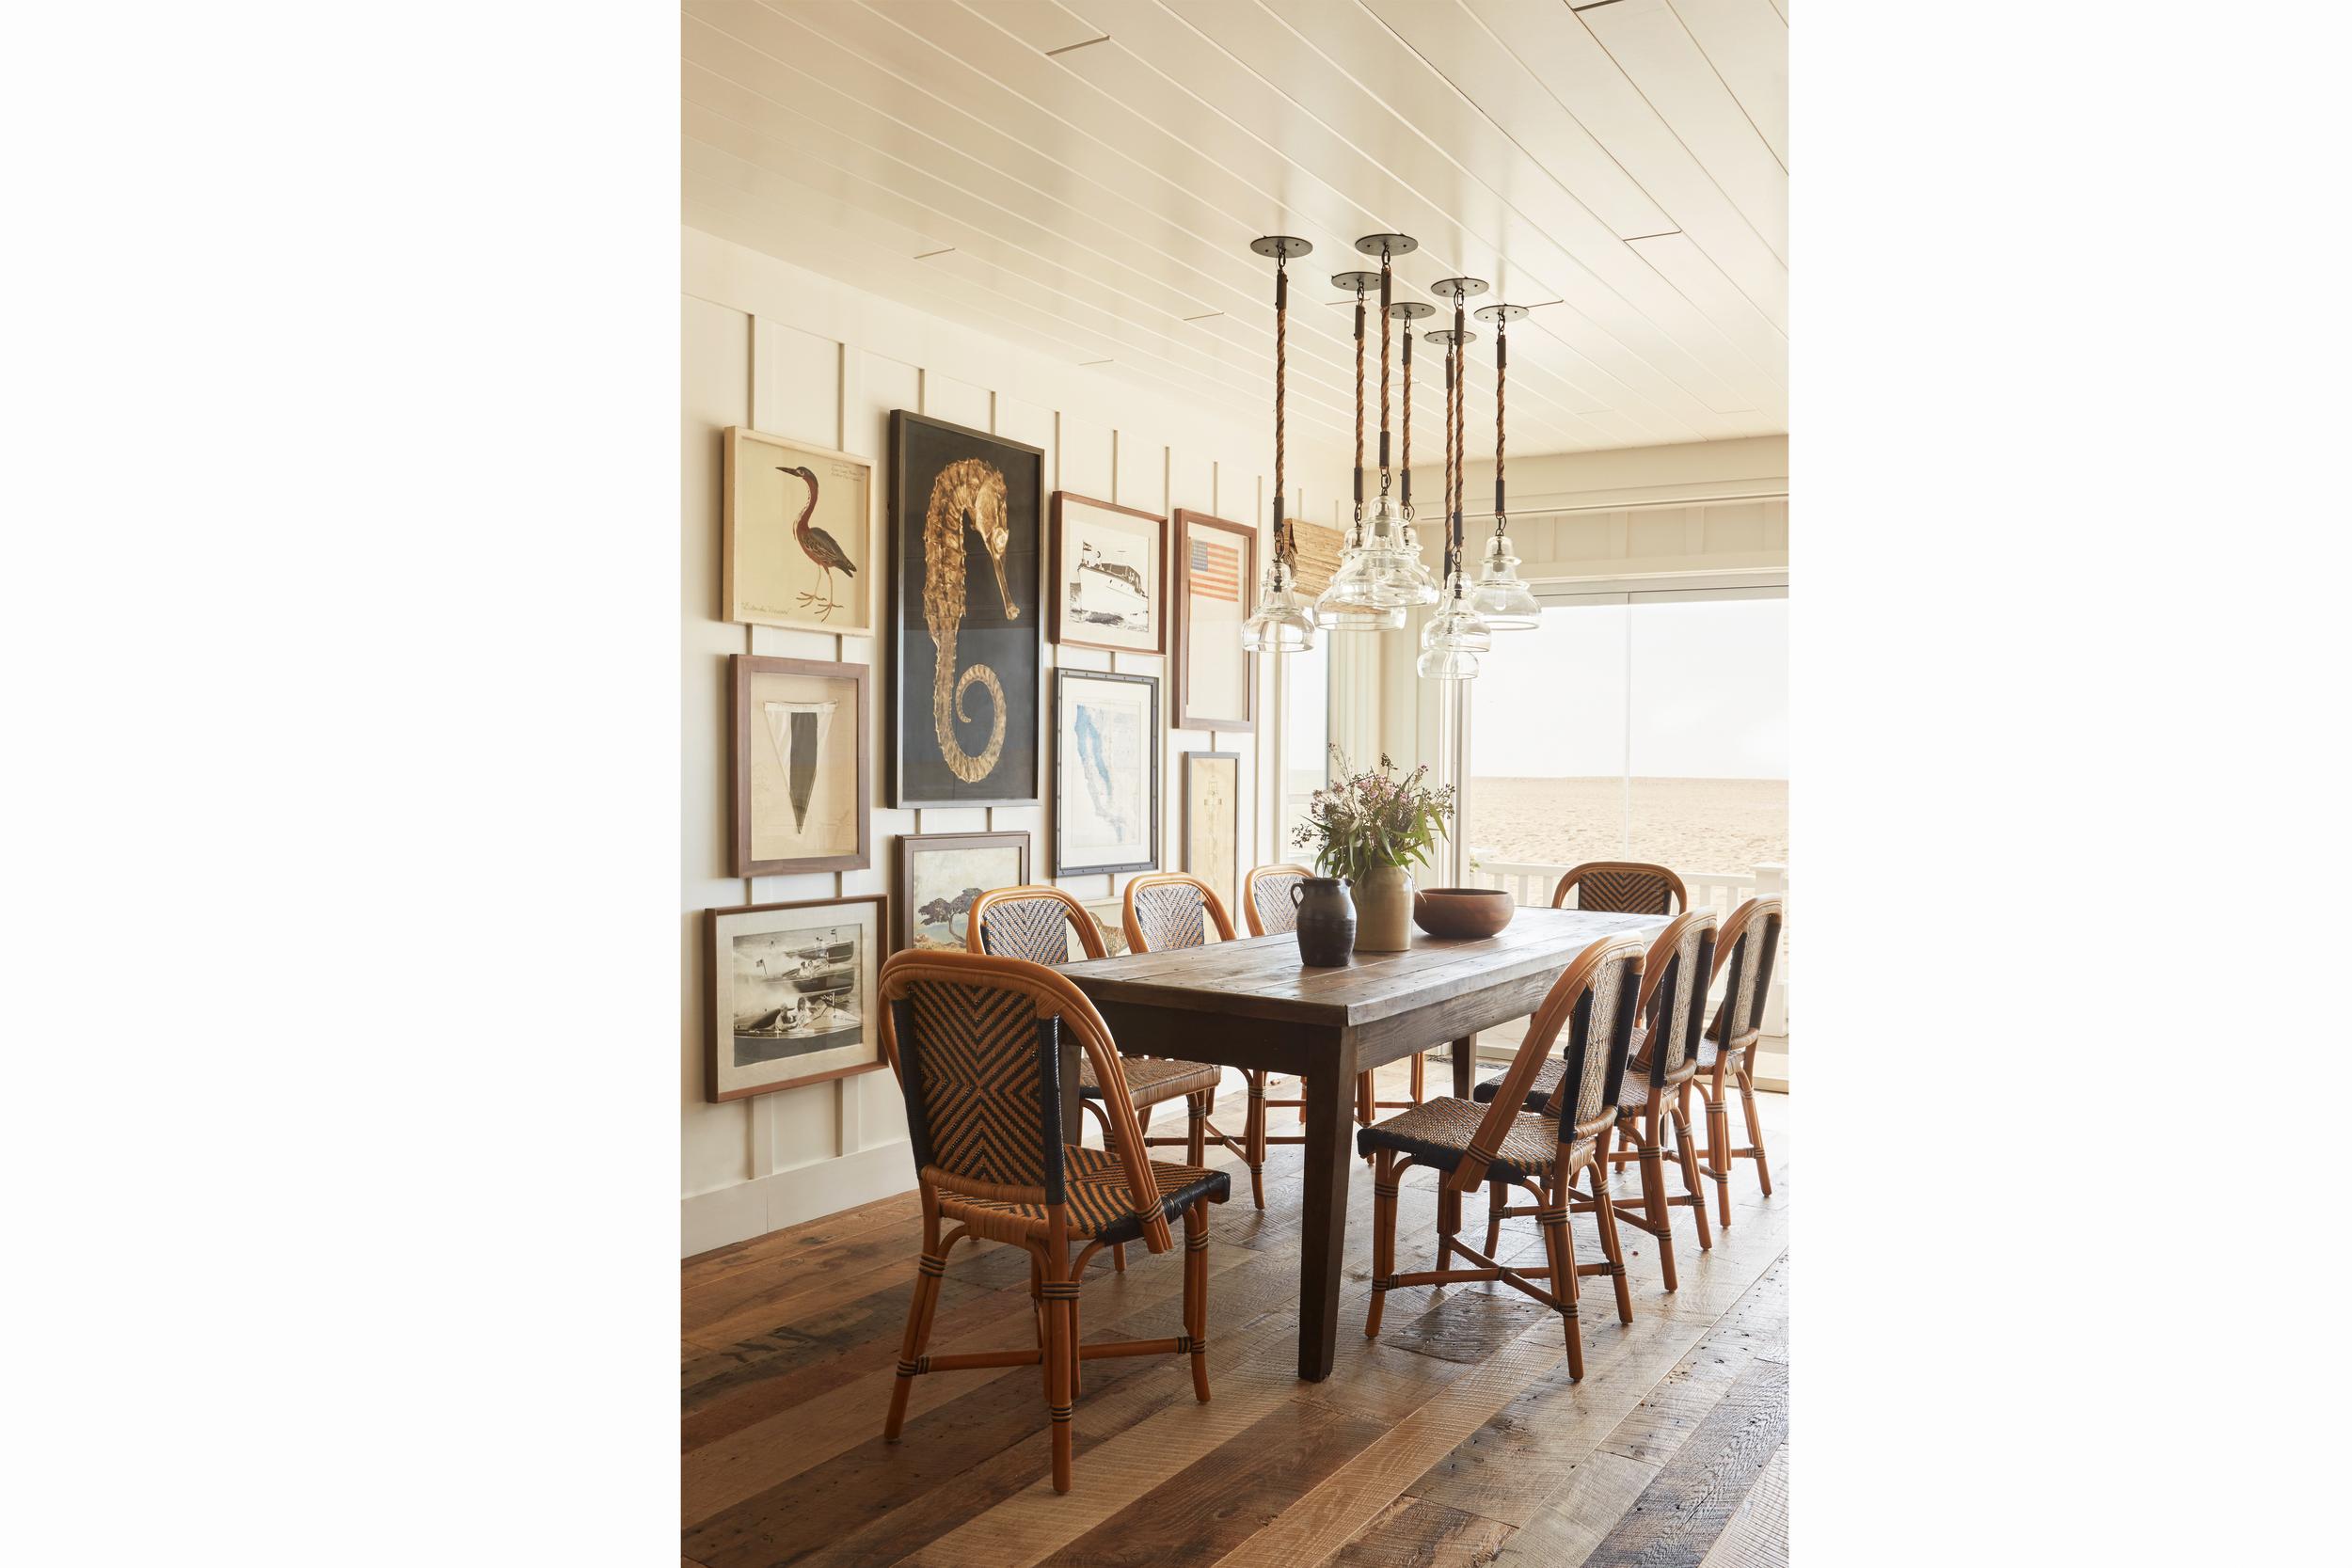 newport beach interior designer brittany stiles blue kitchen nautical.jpg